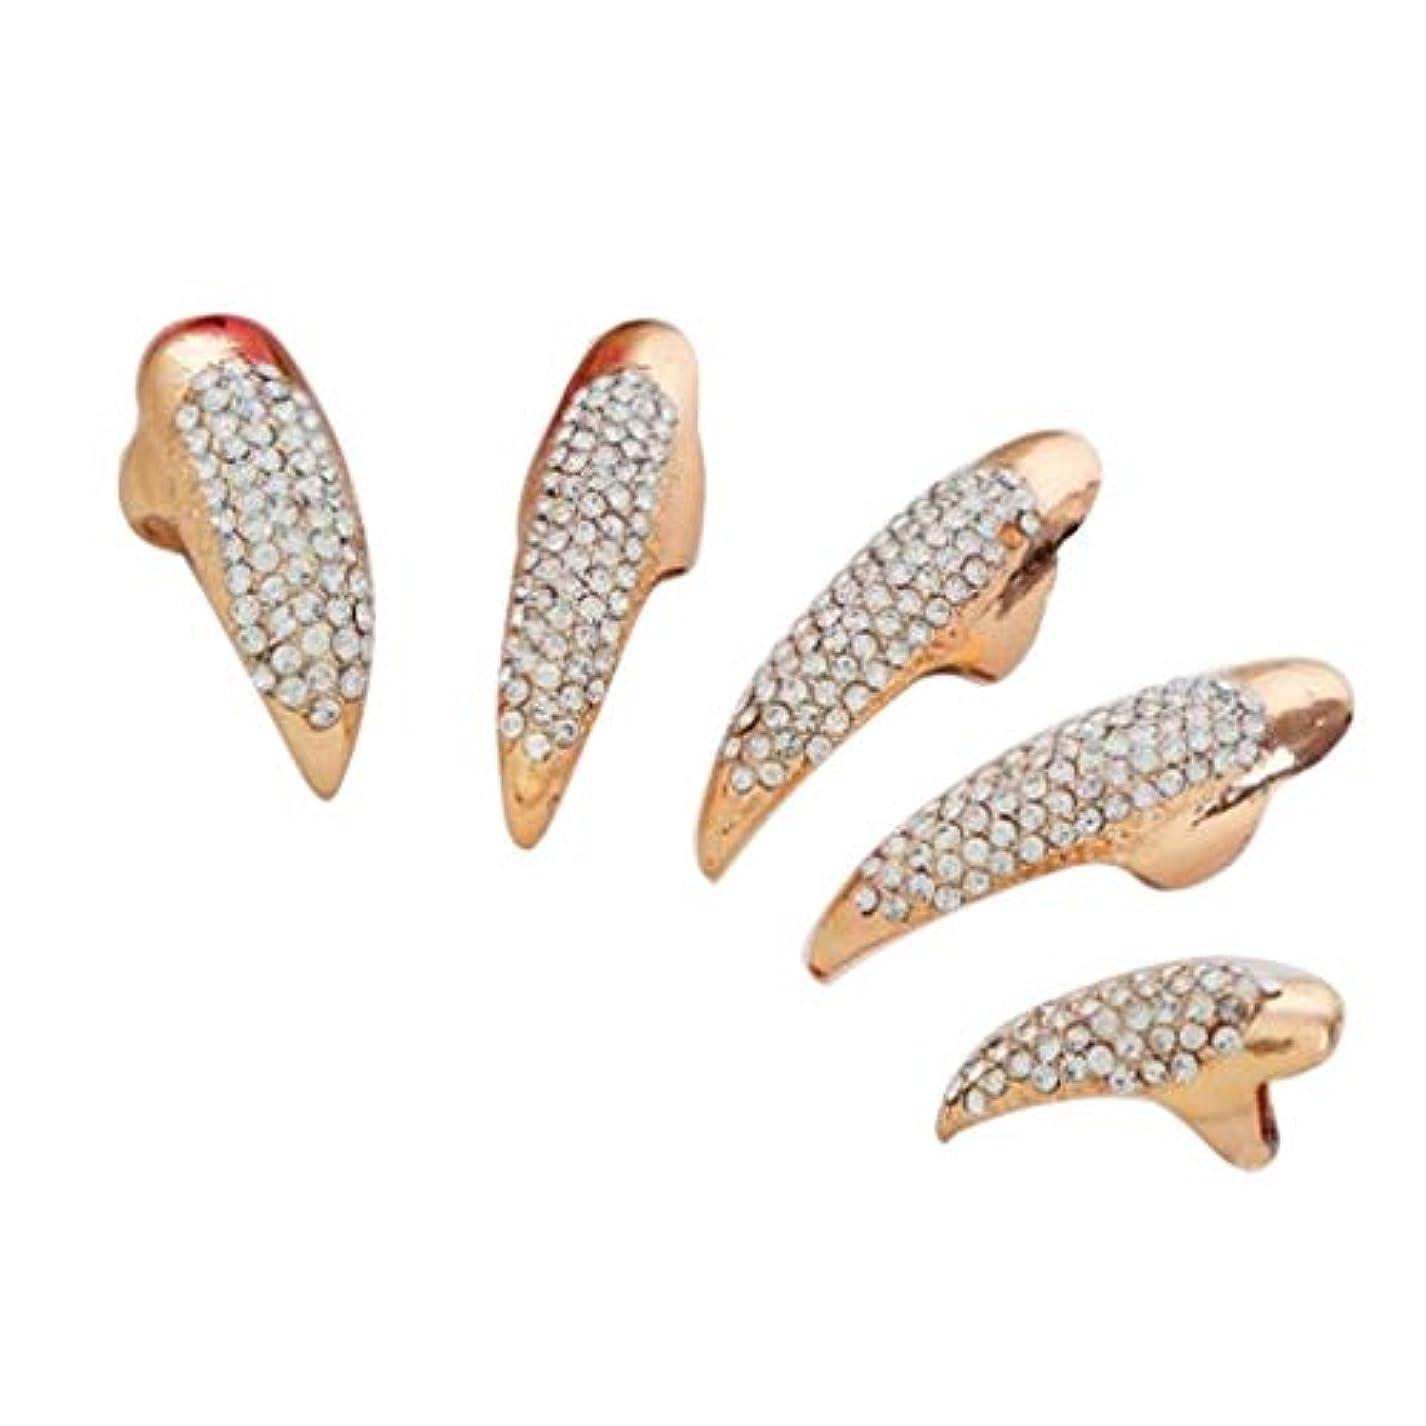 より良い物足りない飛行機爪リング ネイルチップ ネイルアート 人工の爪 曲げ爪 コスプレ パーティー 2色選べ - ゴールデン